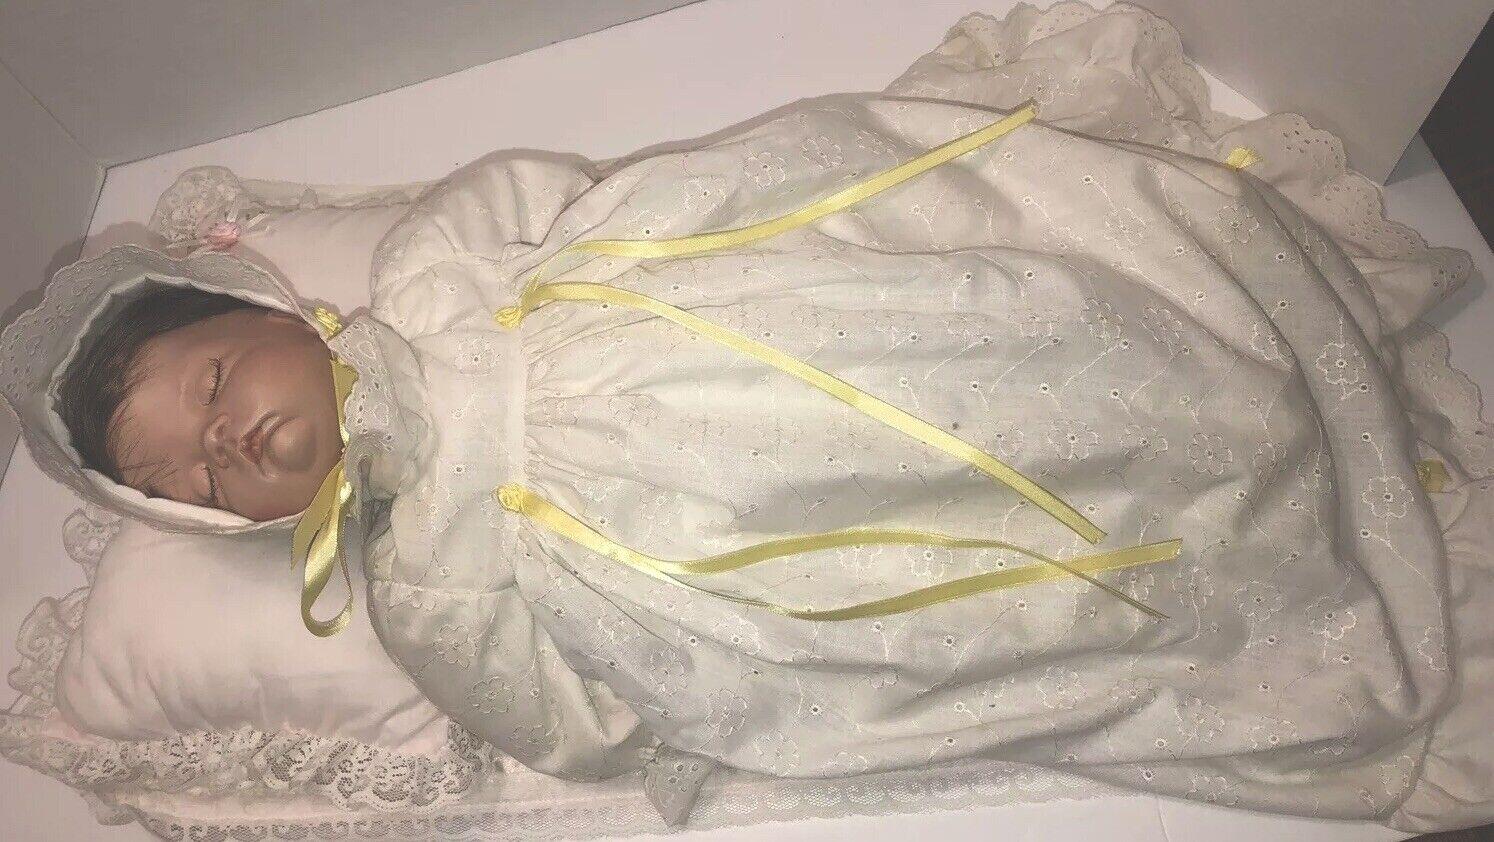 Porcelana Vintage Muñeca bebé recién nacido Antiguo Con Almohada Y Manta